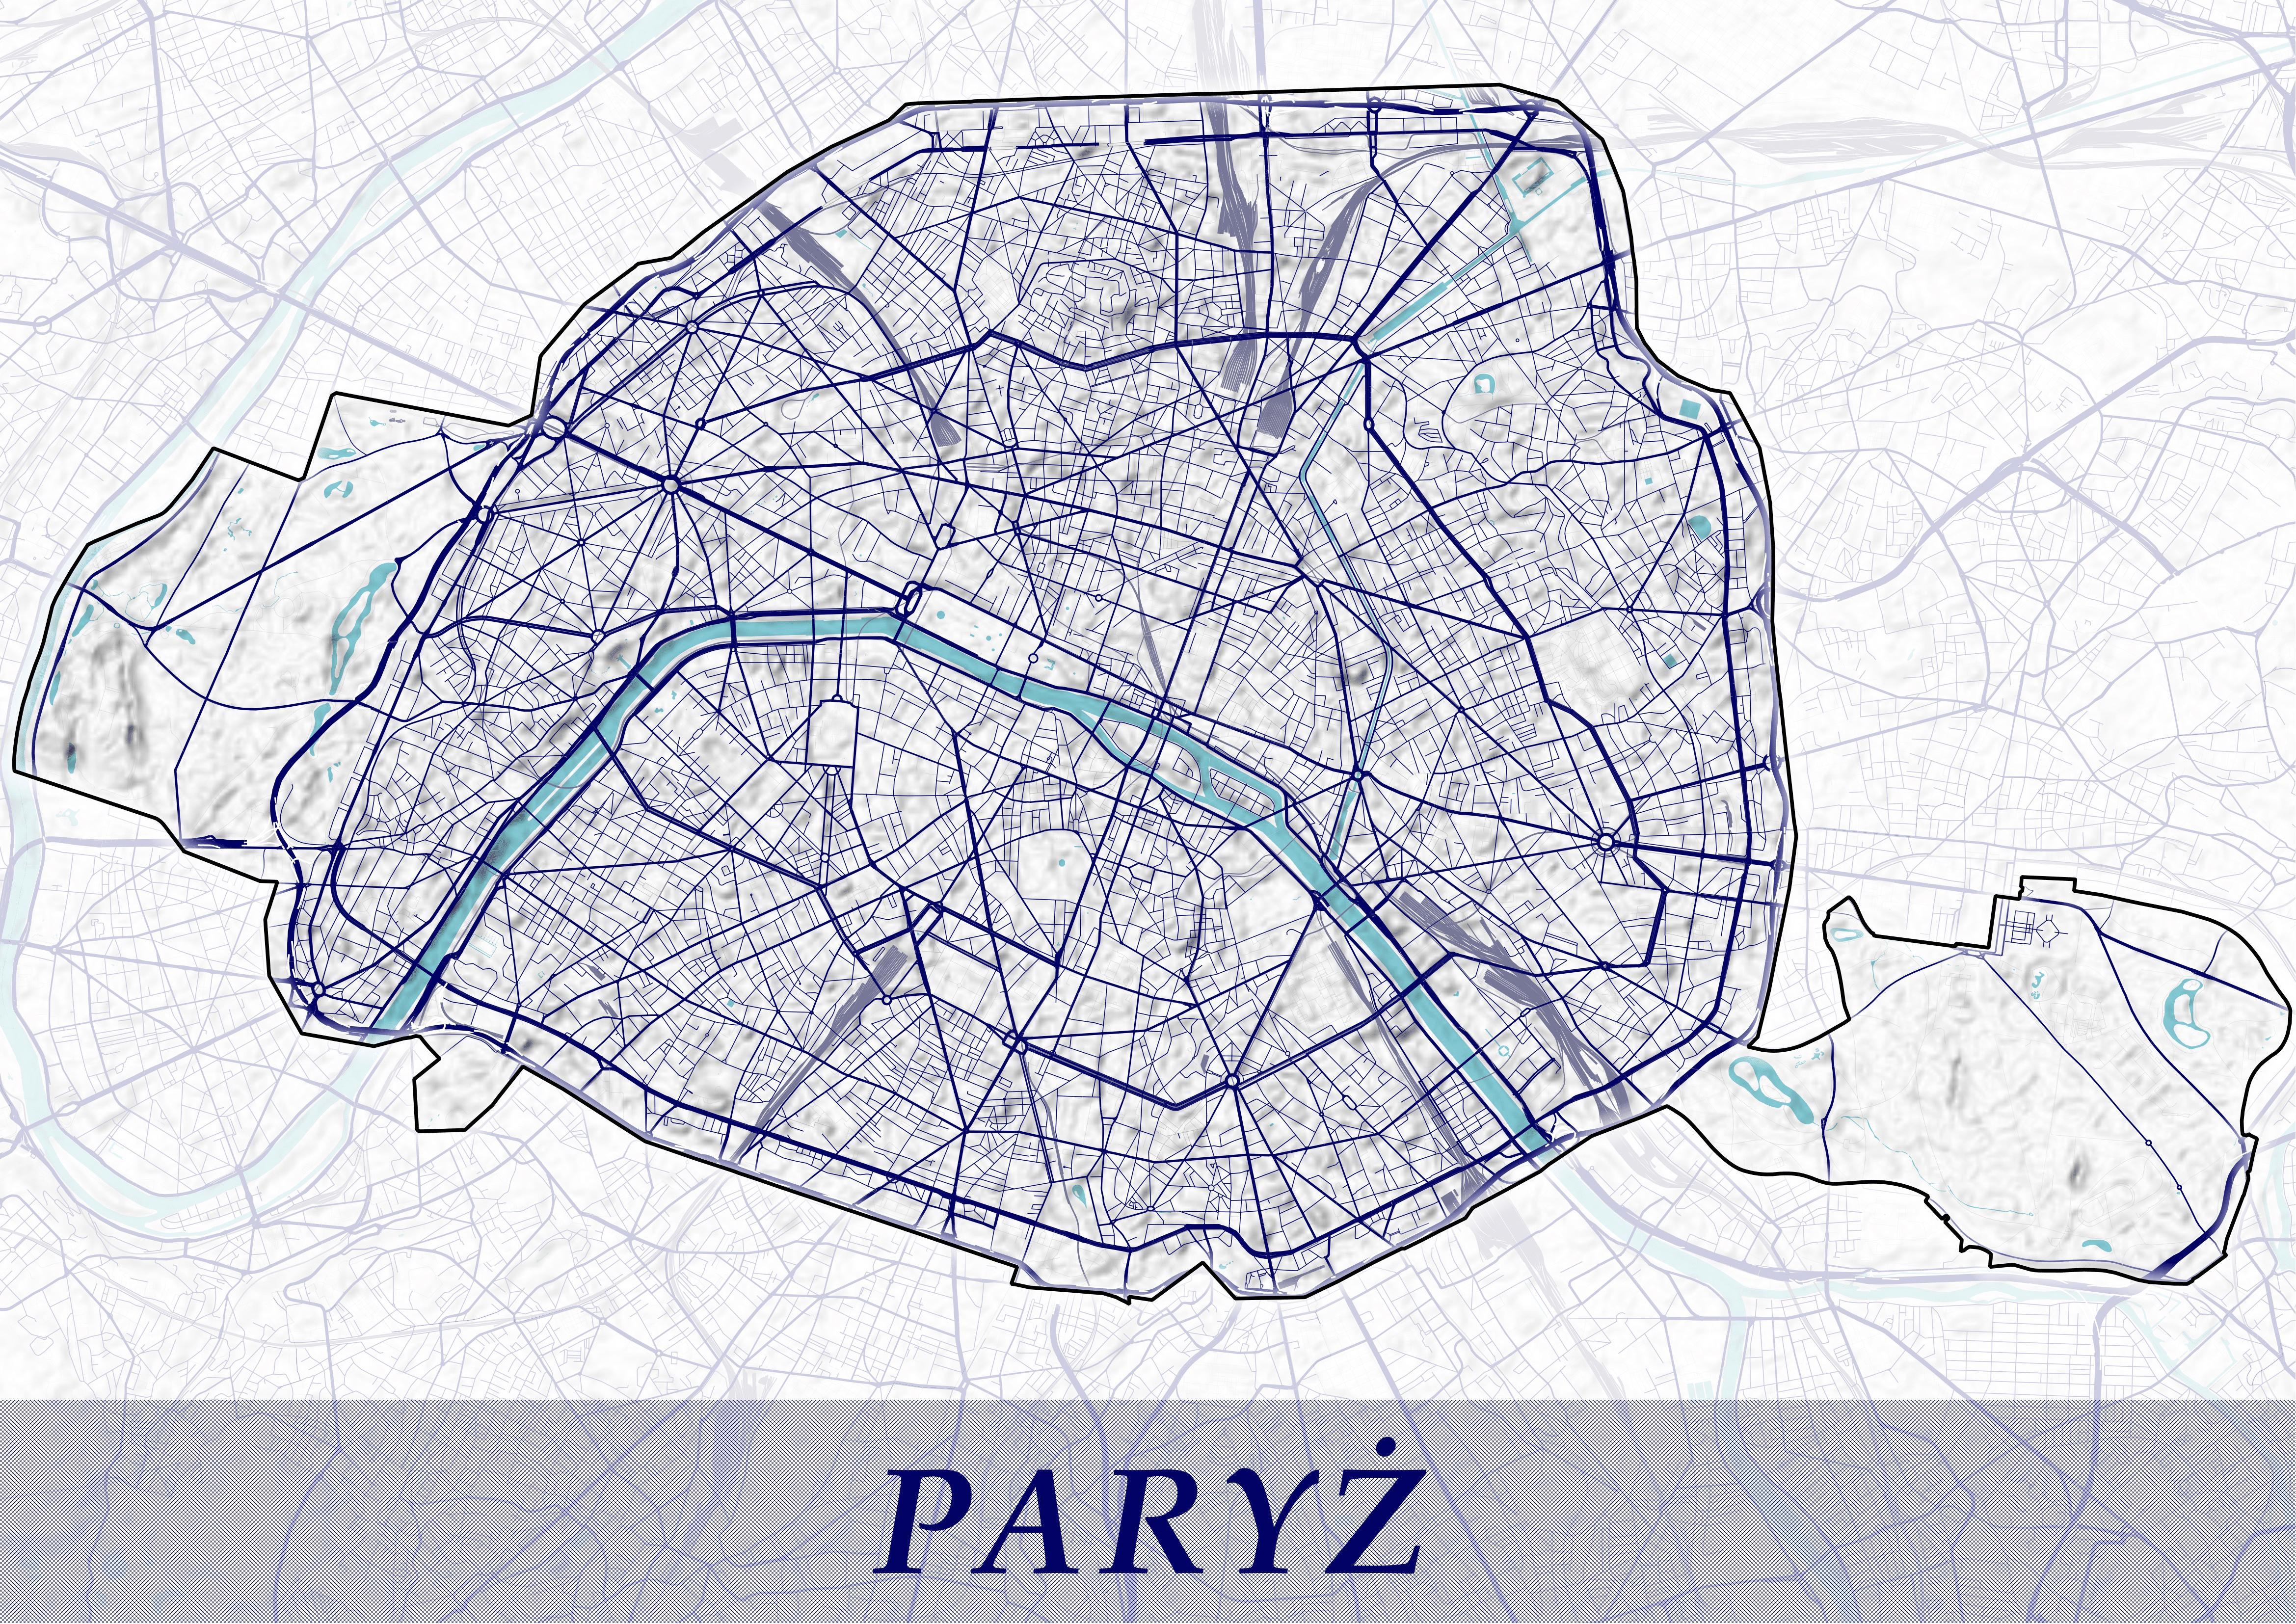 PARYŻ A2 długopis-1-min